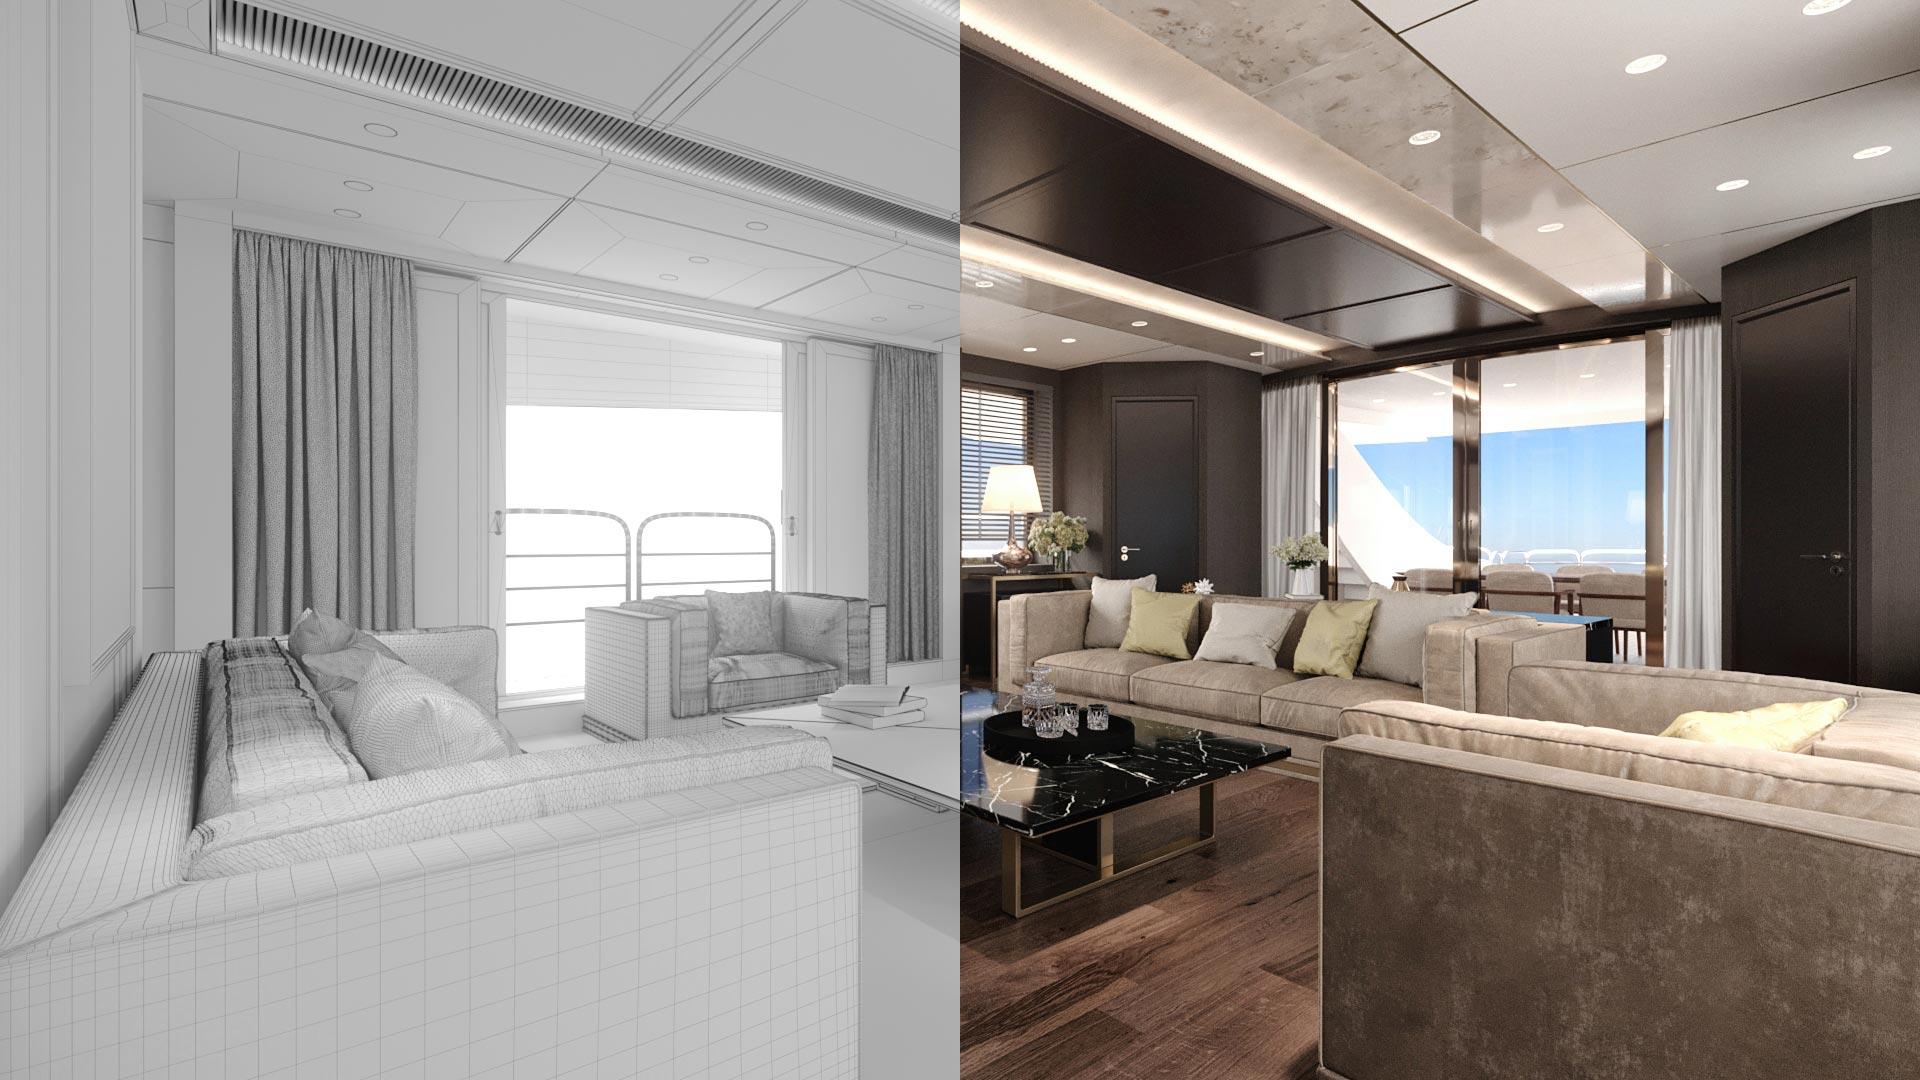 Modellazione e rendering 3D yacht e ambiente circostante